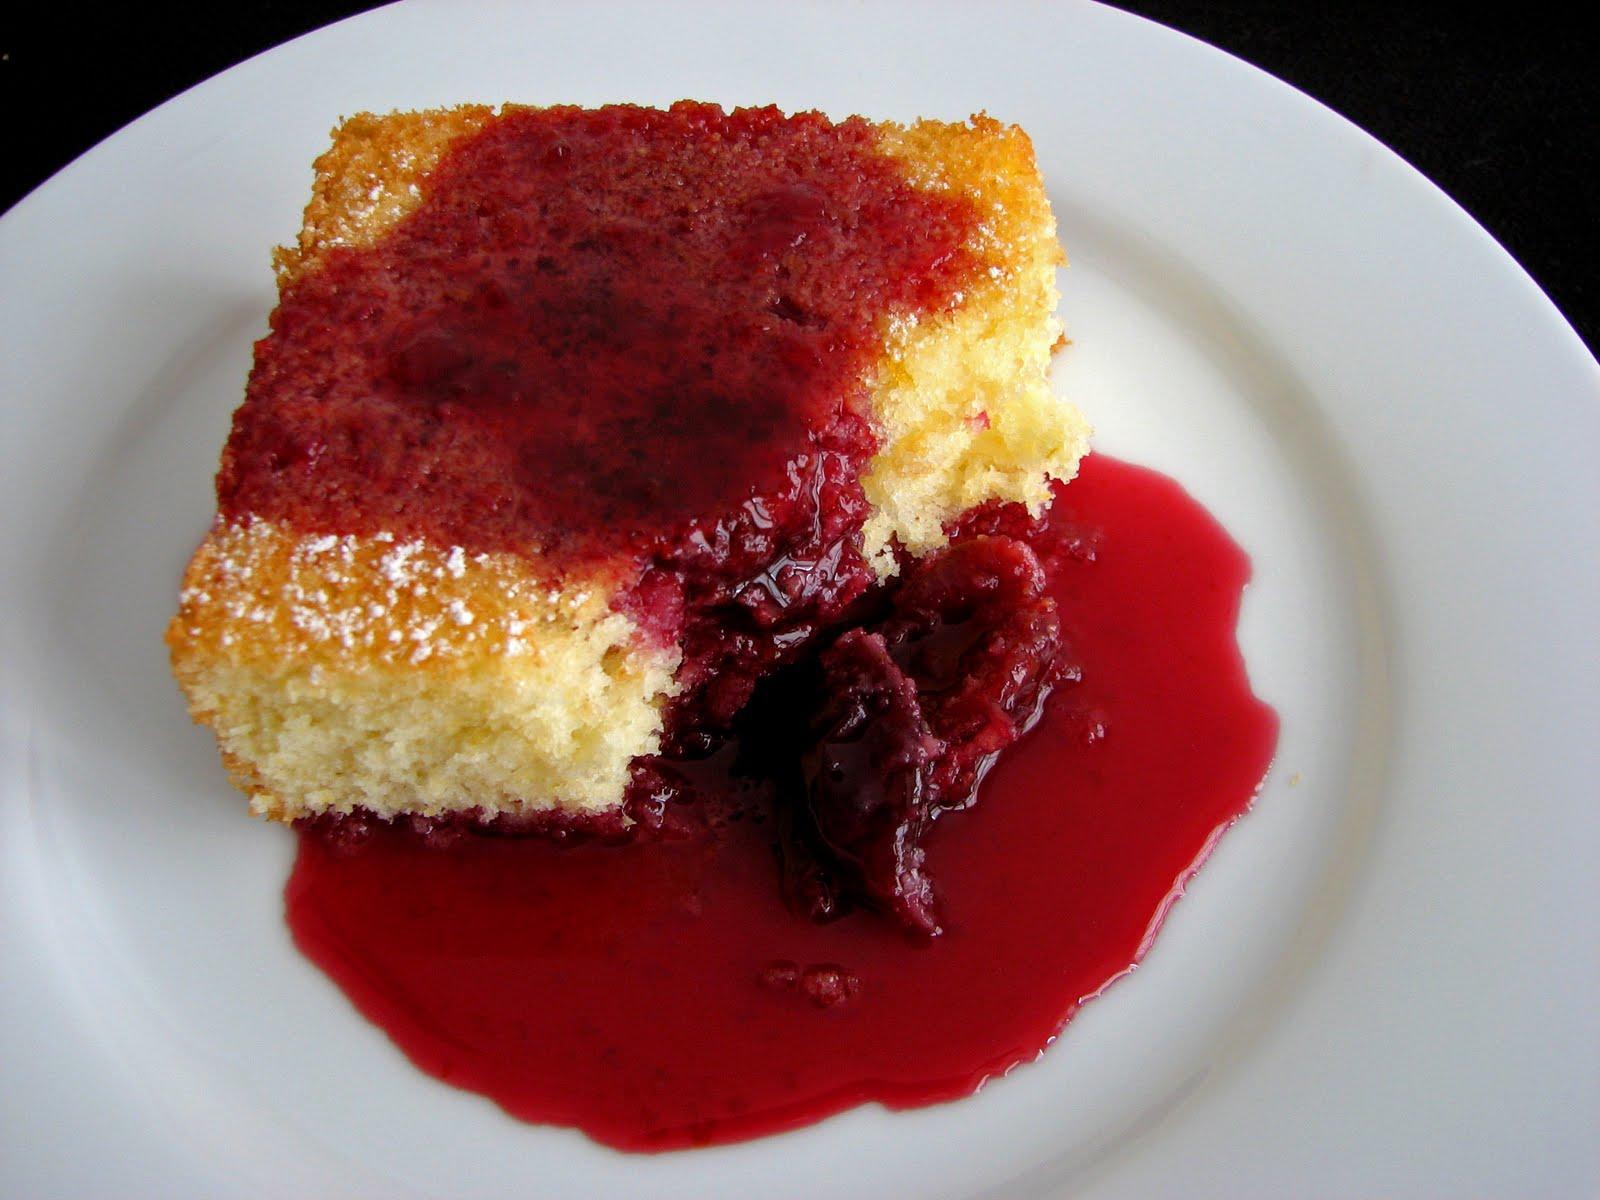 :pastry studio: Cornmeal Cake with Balsamic Cherries